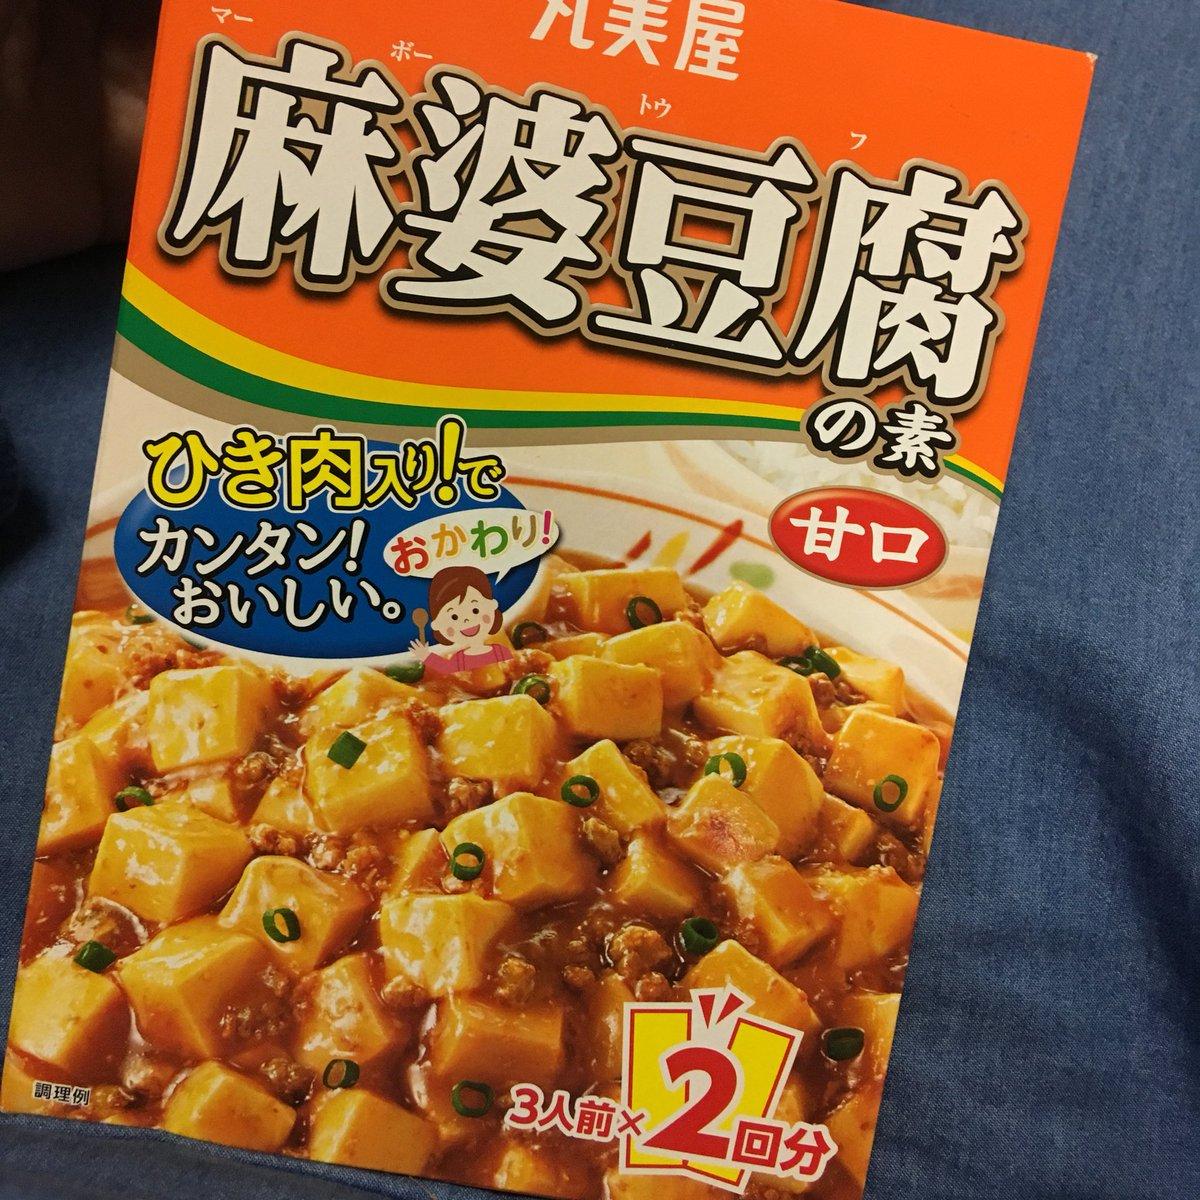 ポスト開けたら麻婆豆腐が入ってたから、何事かと思ったら、発送物だったwwwwwwwwwなんつーものに入れて発送してくるんだwwwwww